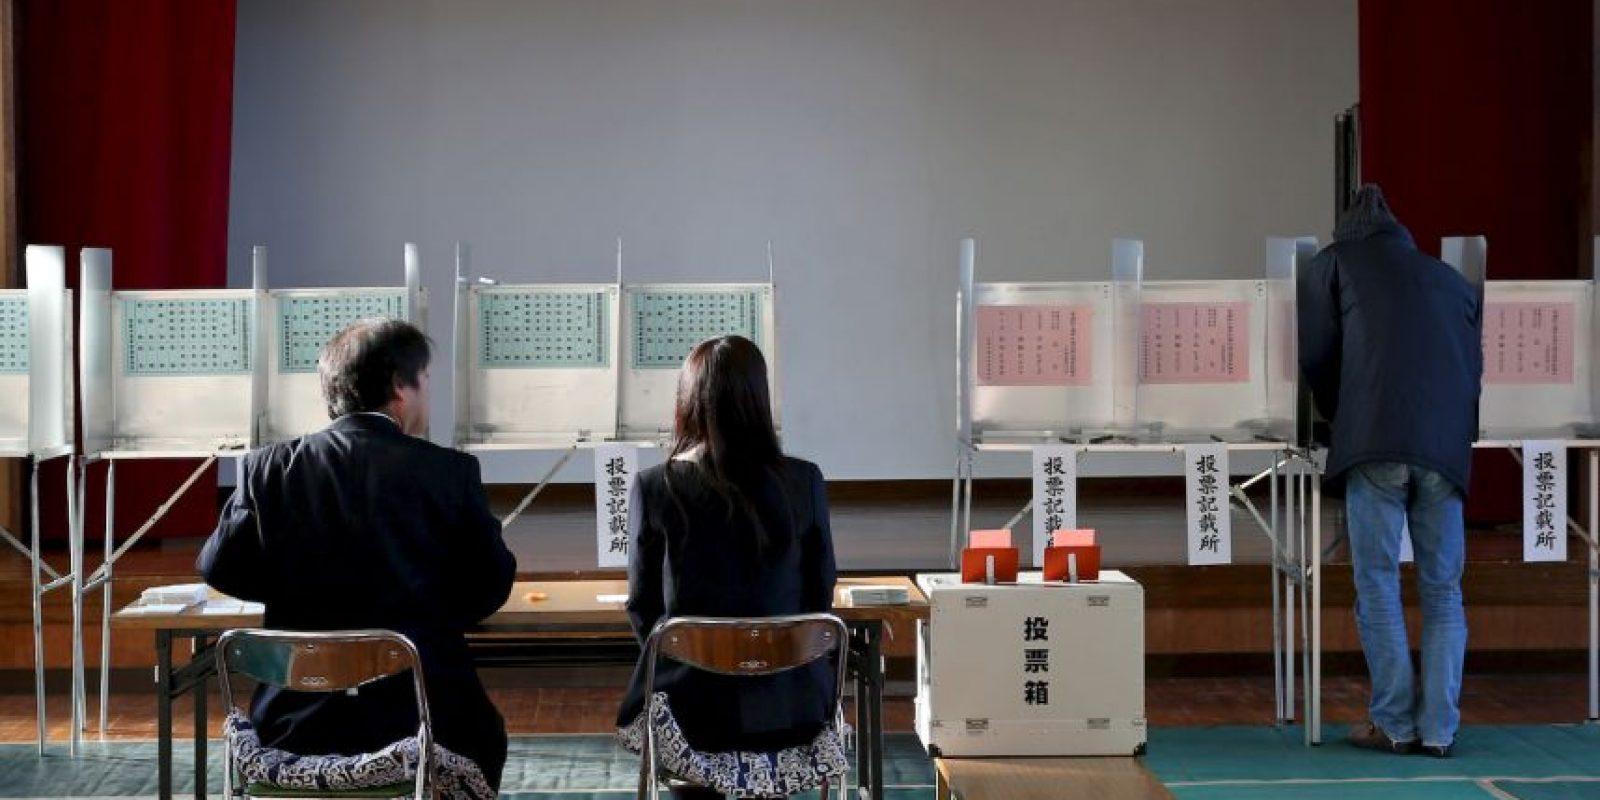 Si la propuesta se acepta el número de votantes aumentaría al menos a casi tres millones. Foto:Getty Images